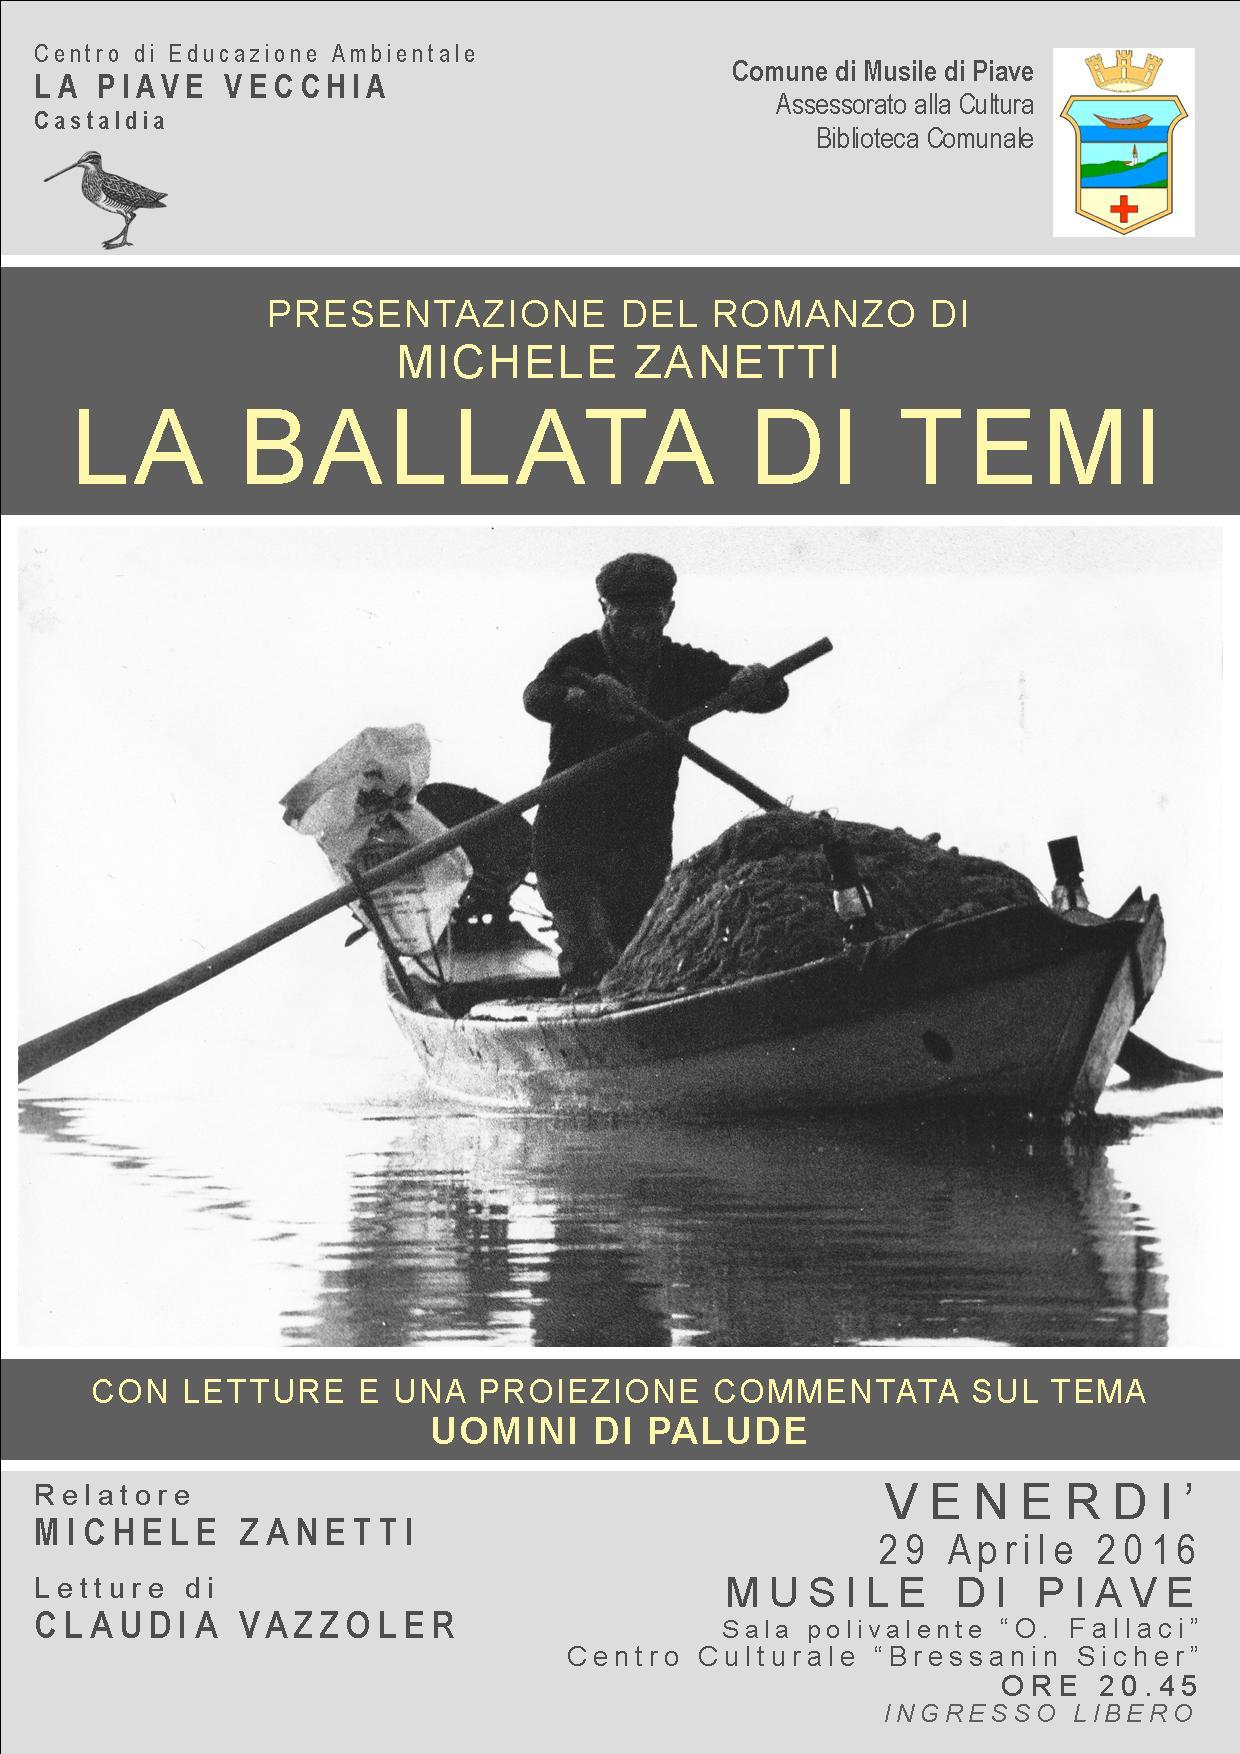 LA BALLATA DI TEMI - PRESENTAZIONE DEL LIBRO - Incontro con l'autore Michele Zanetti